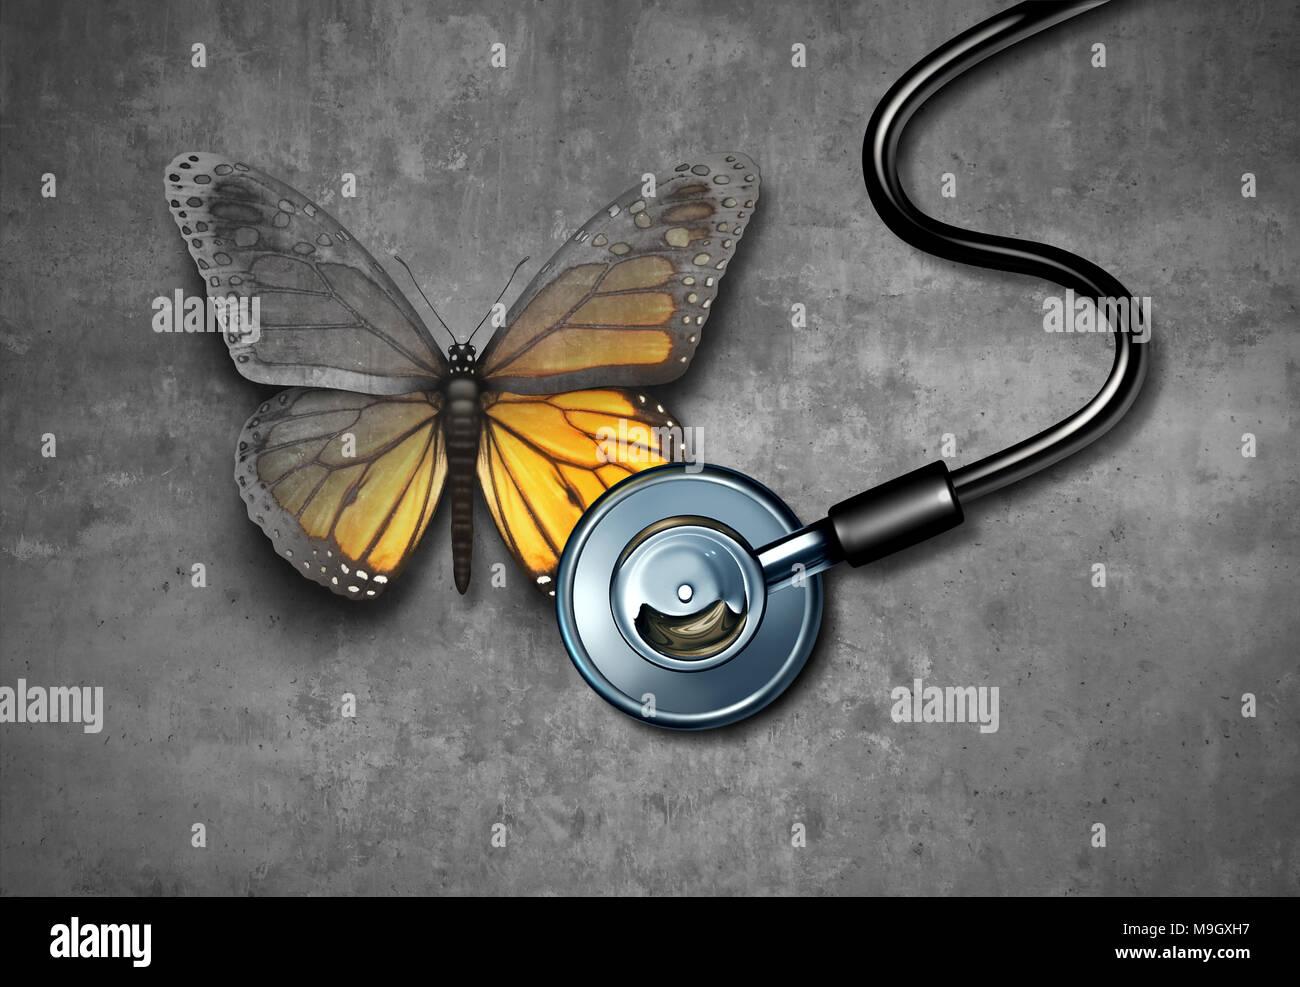 Recuperación médica y la sanación a través de la rehabilitación médico concepto como una mariposa gris siendo revivida mediante tratamiento por un estetoscopio. Imagen De Stock